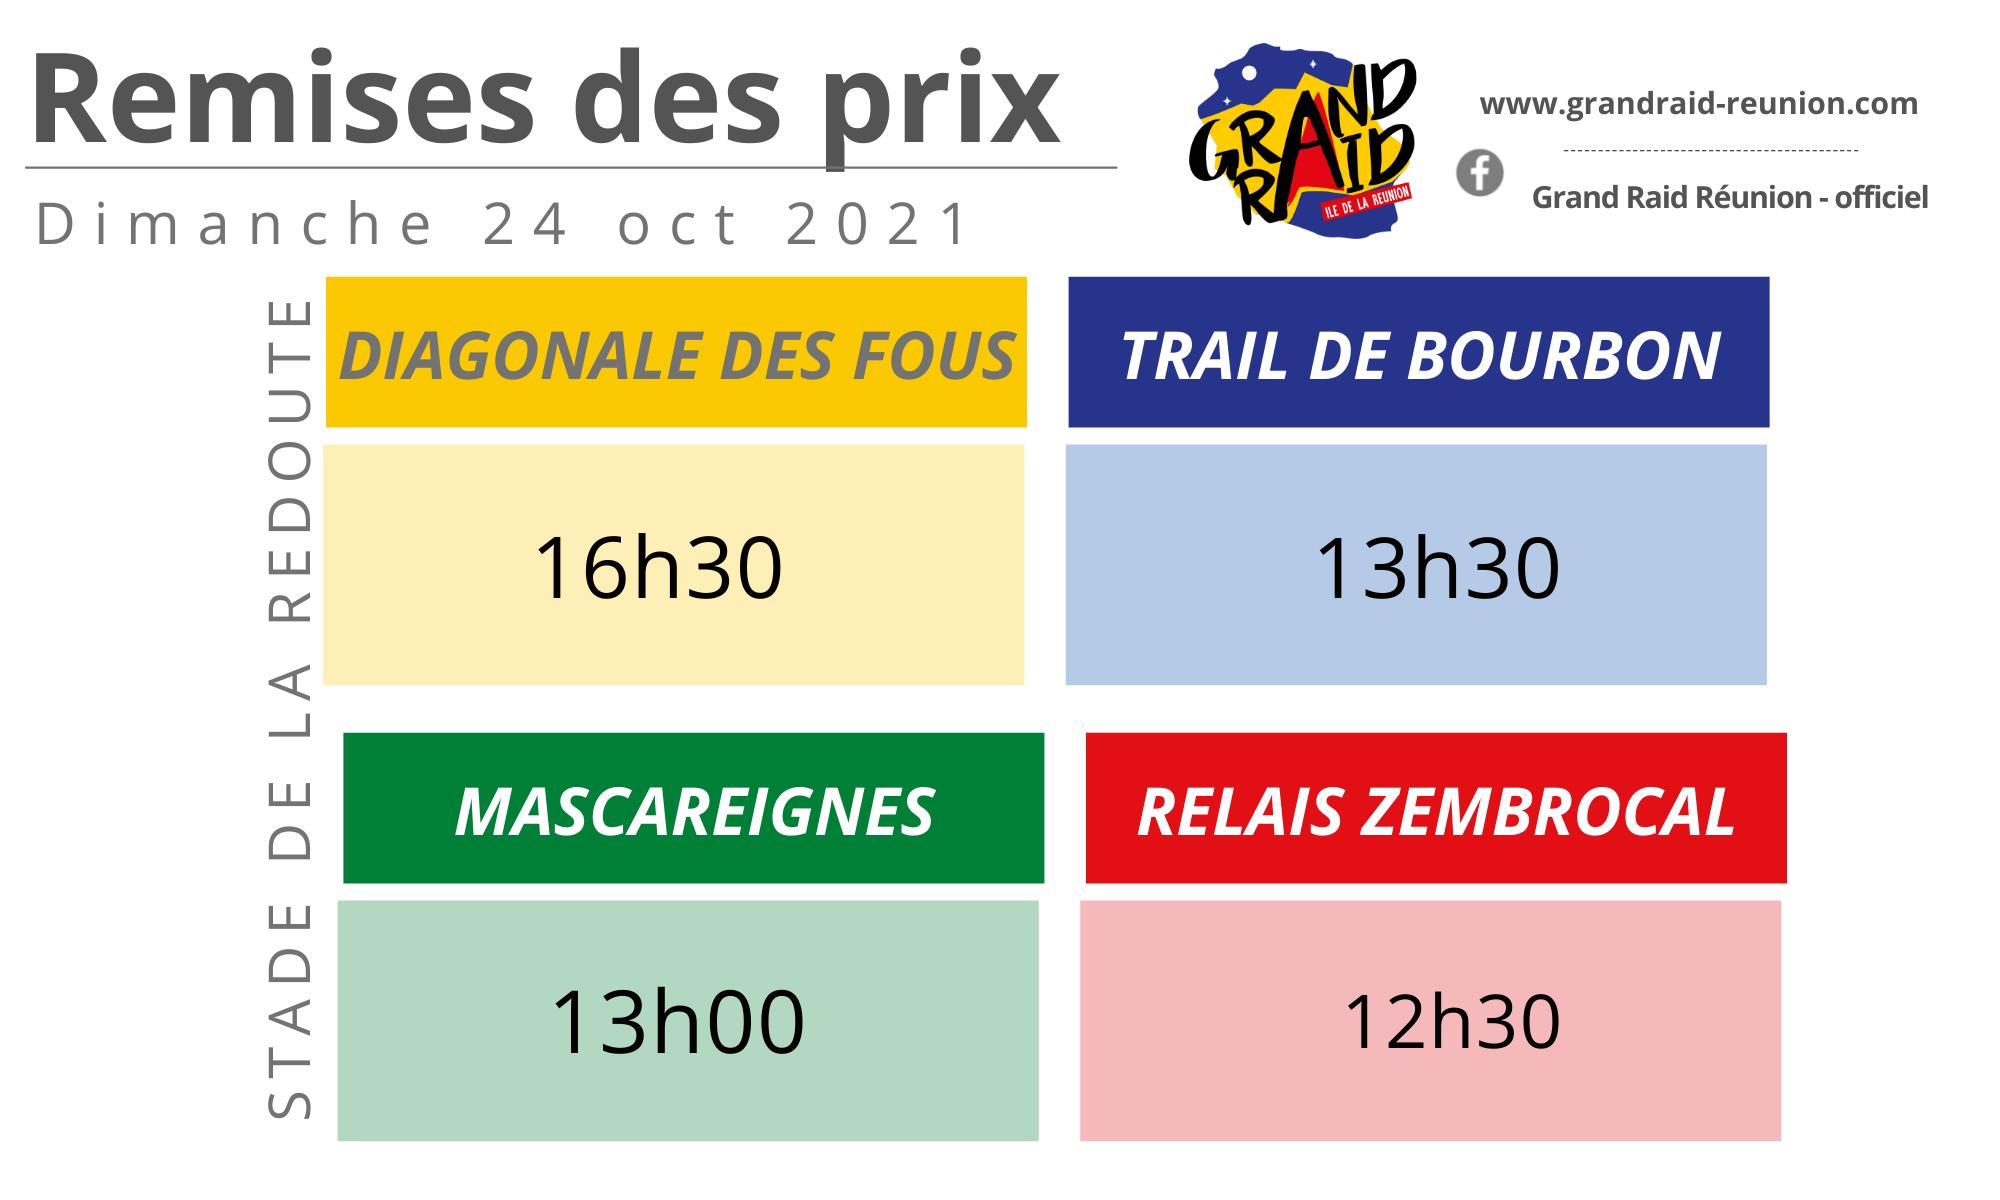 GRR-2021-Remise-des-Prix